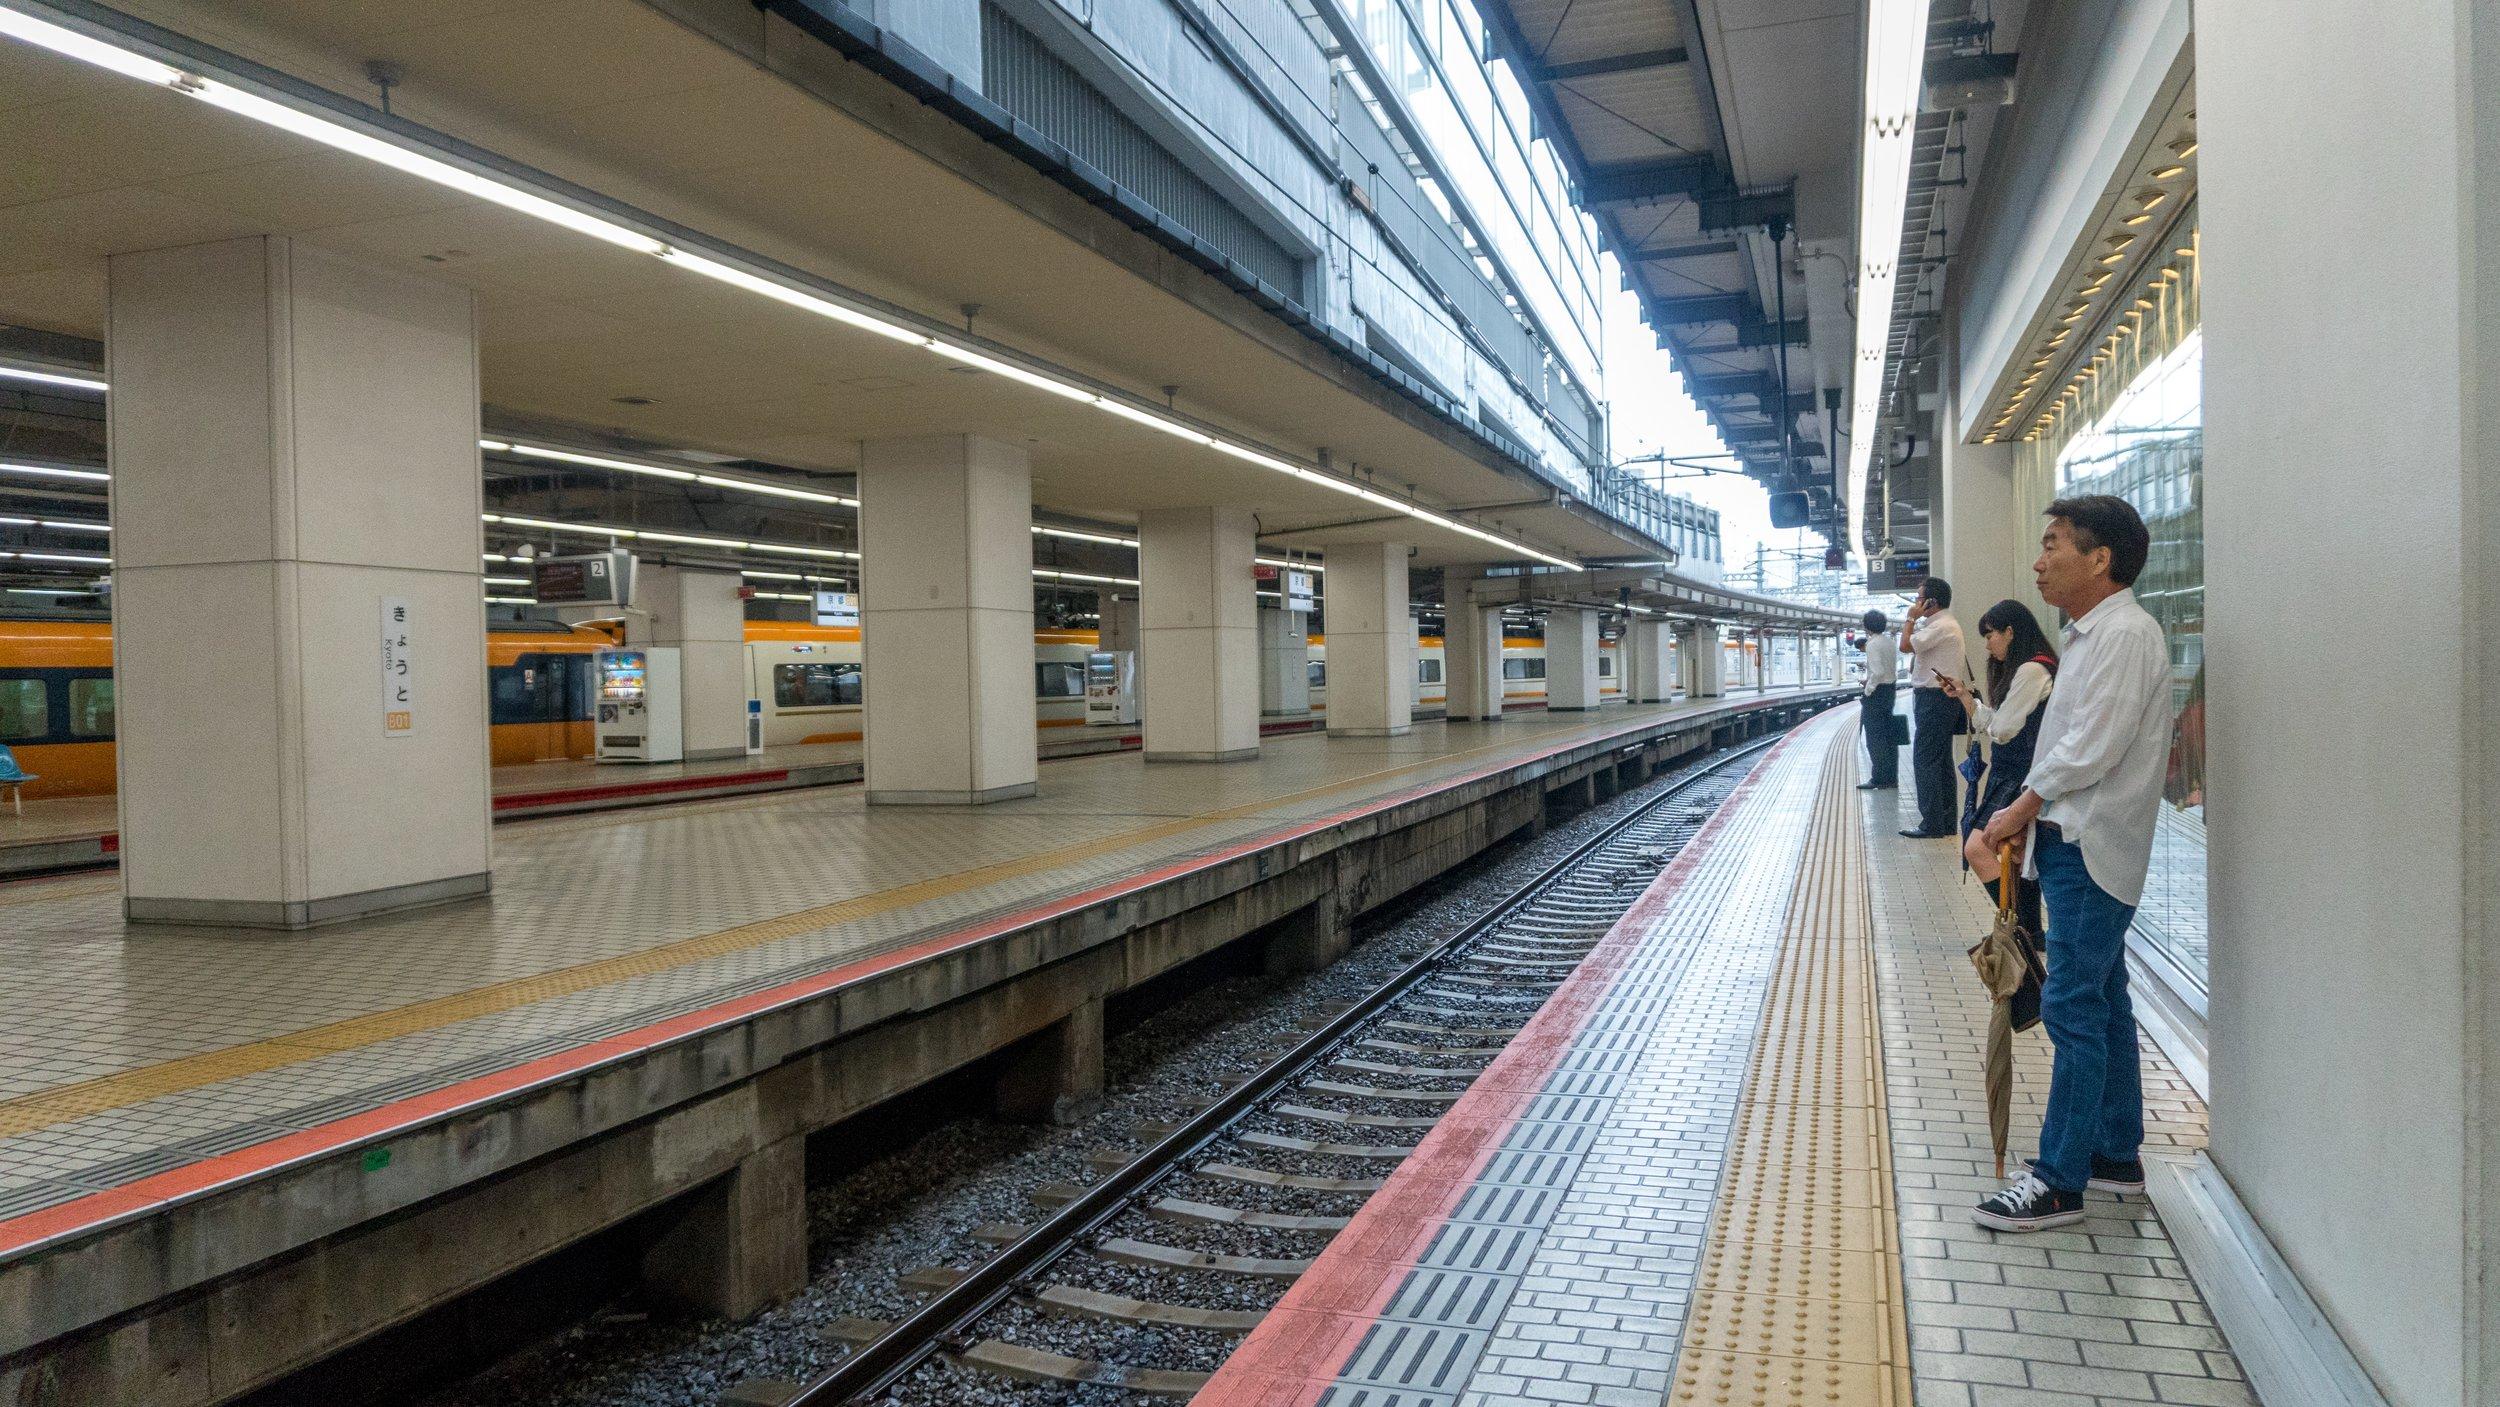 Kyoto - Waiting